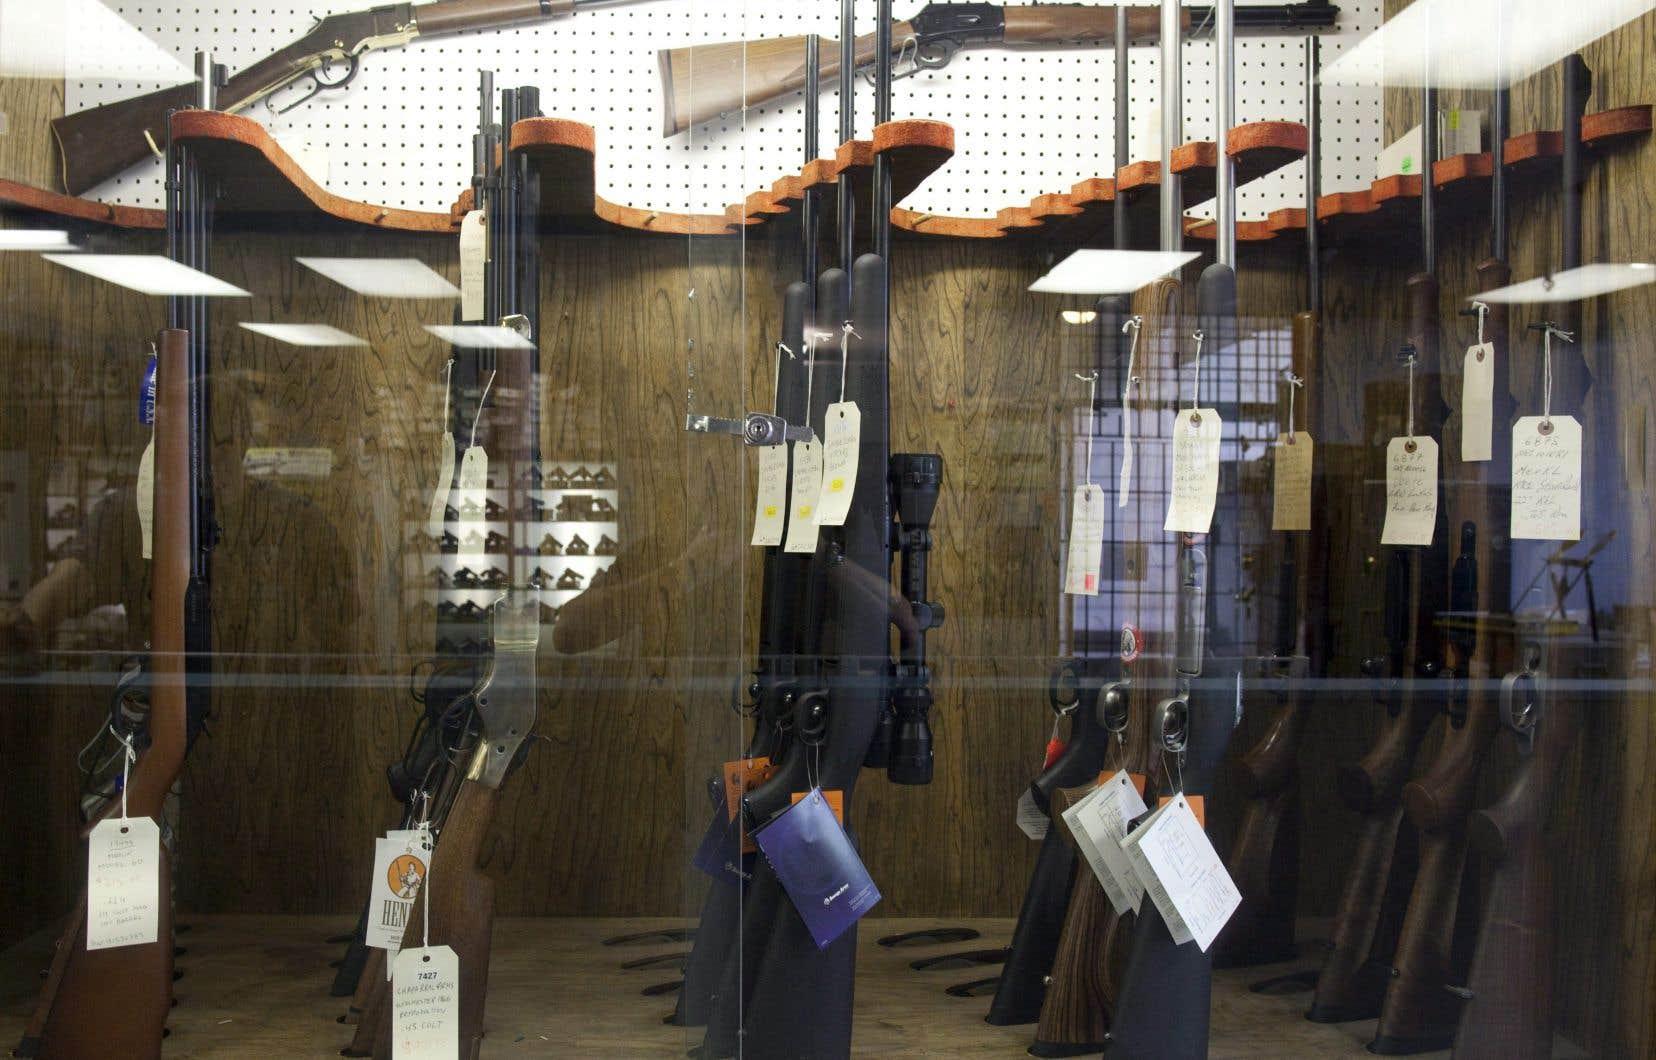 Le projet exige aussi que l'acheteur d'une carabine ou d'un fusil de chasse présente un permis d'armes à feu, le vendeur devant en garantir la validité.